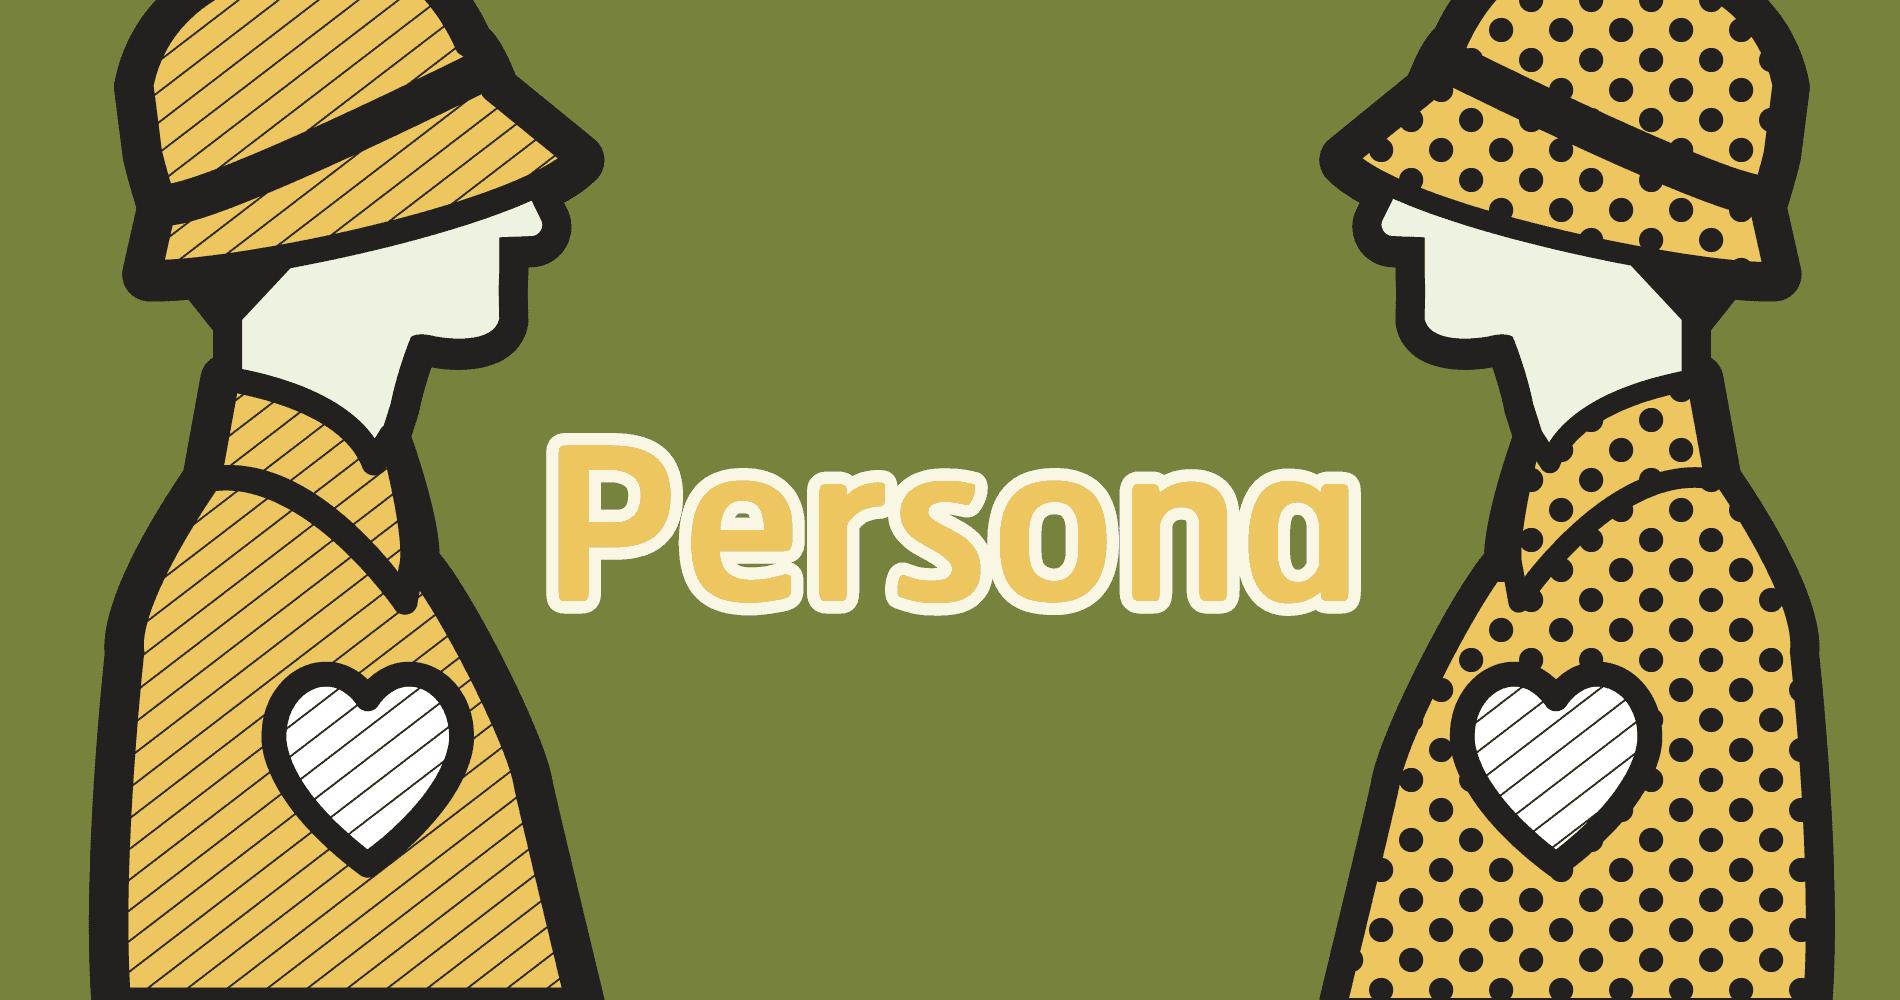 Persona ถ้าเข้าใจ ก็เข้า(ไปอยู่ใน)ใจลูกค้า